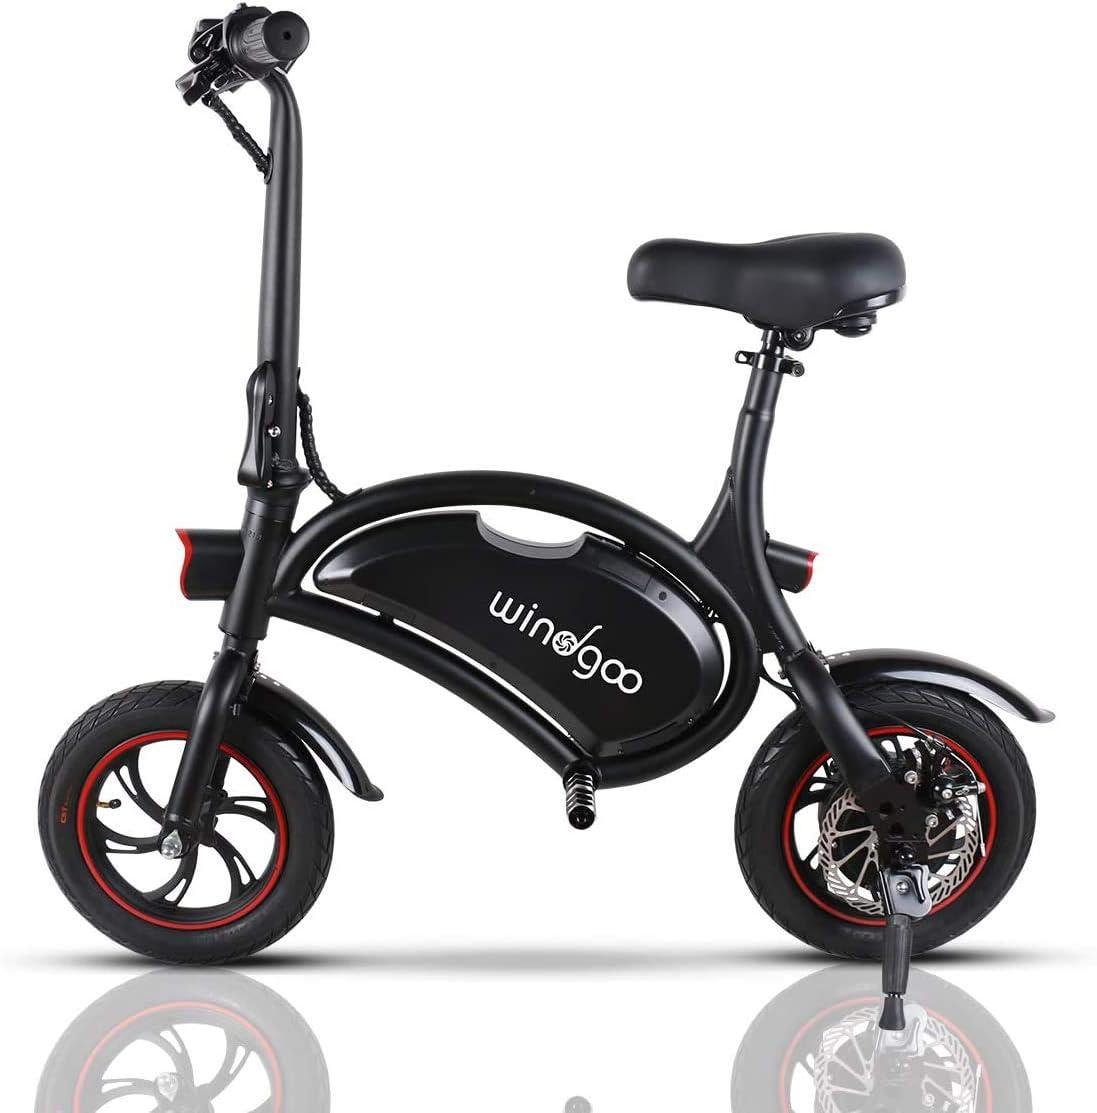 Draisienne électrique Pliable Windgoo Vélo électrique Pliable - B3 Noir